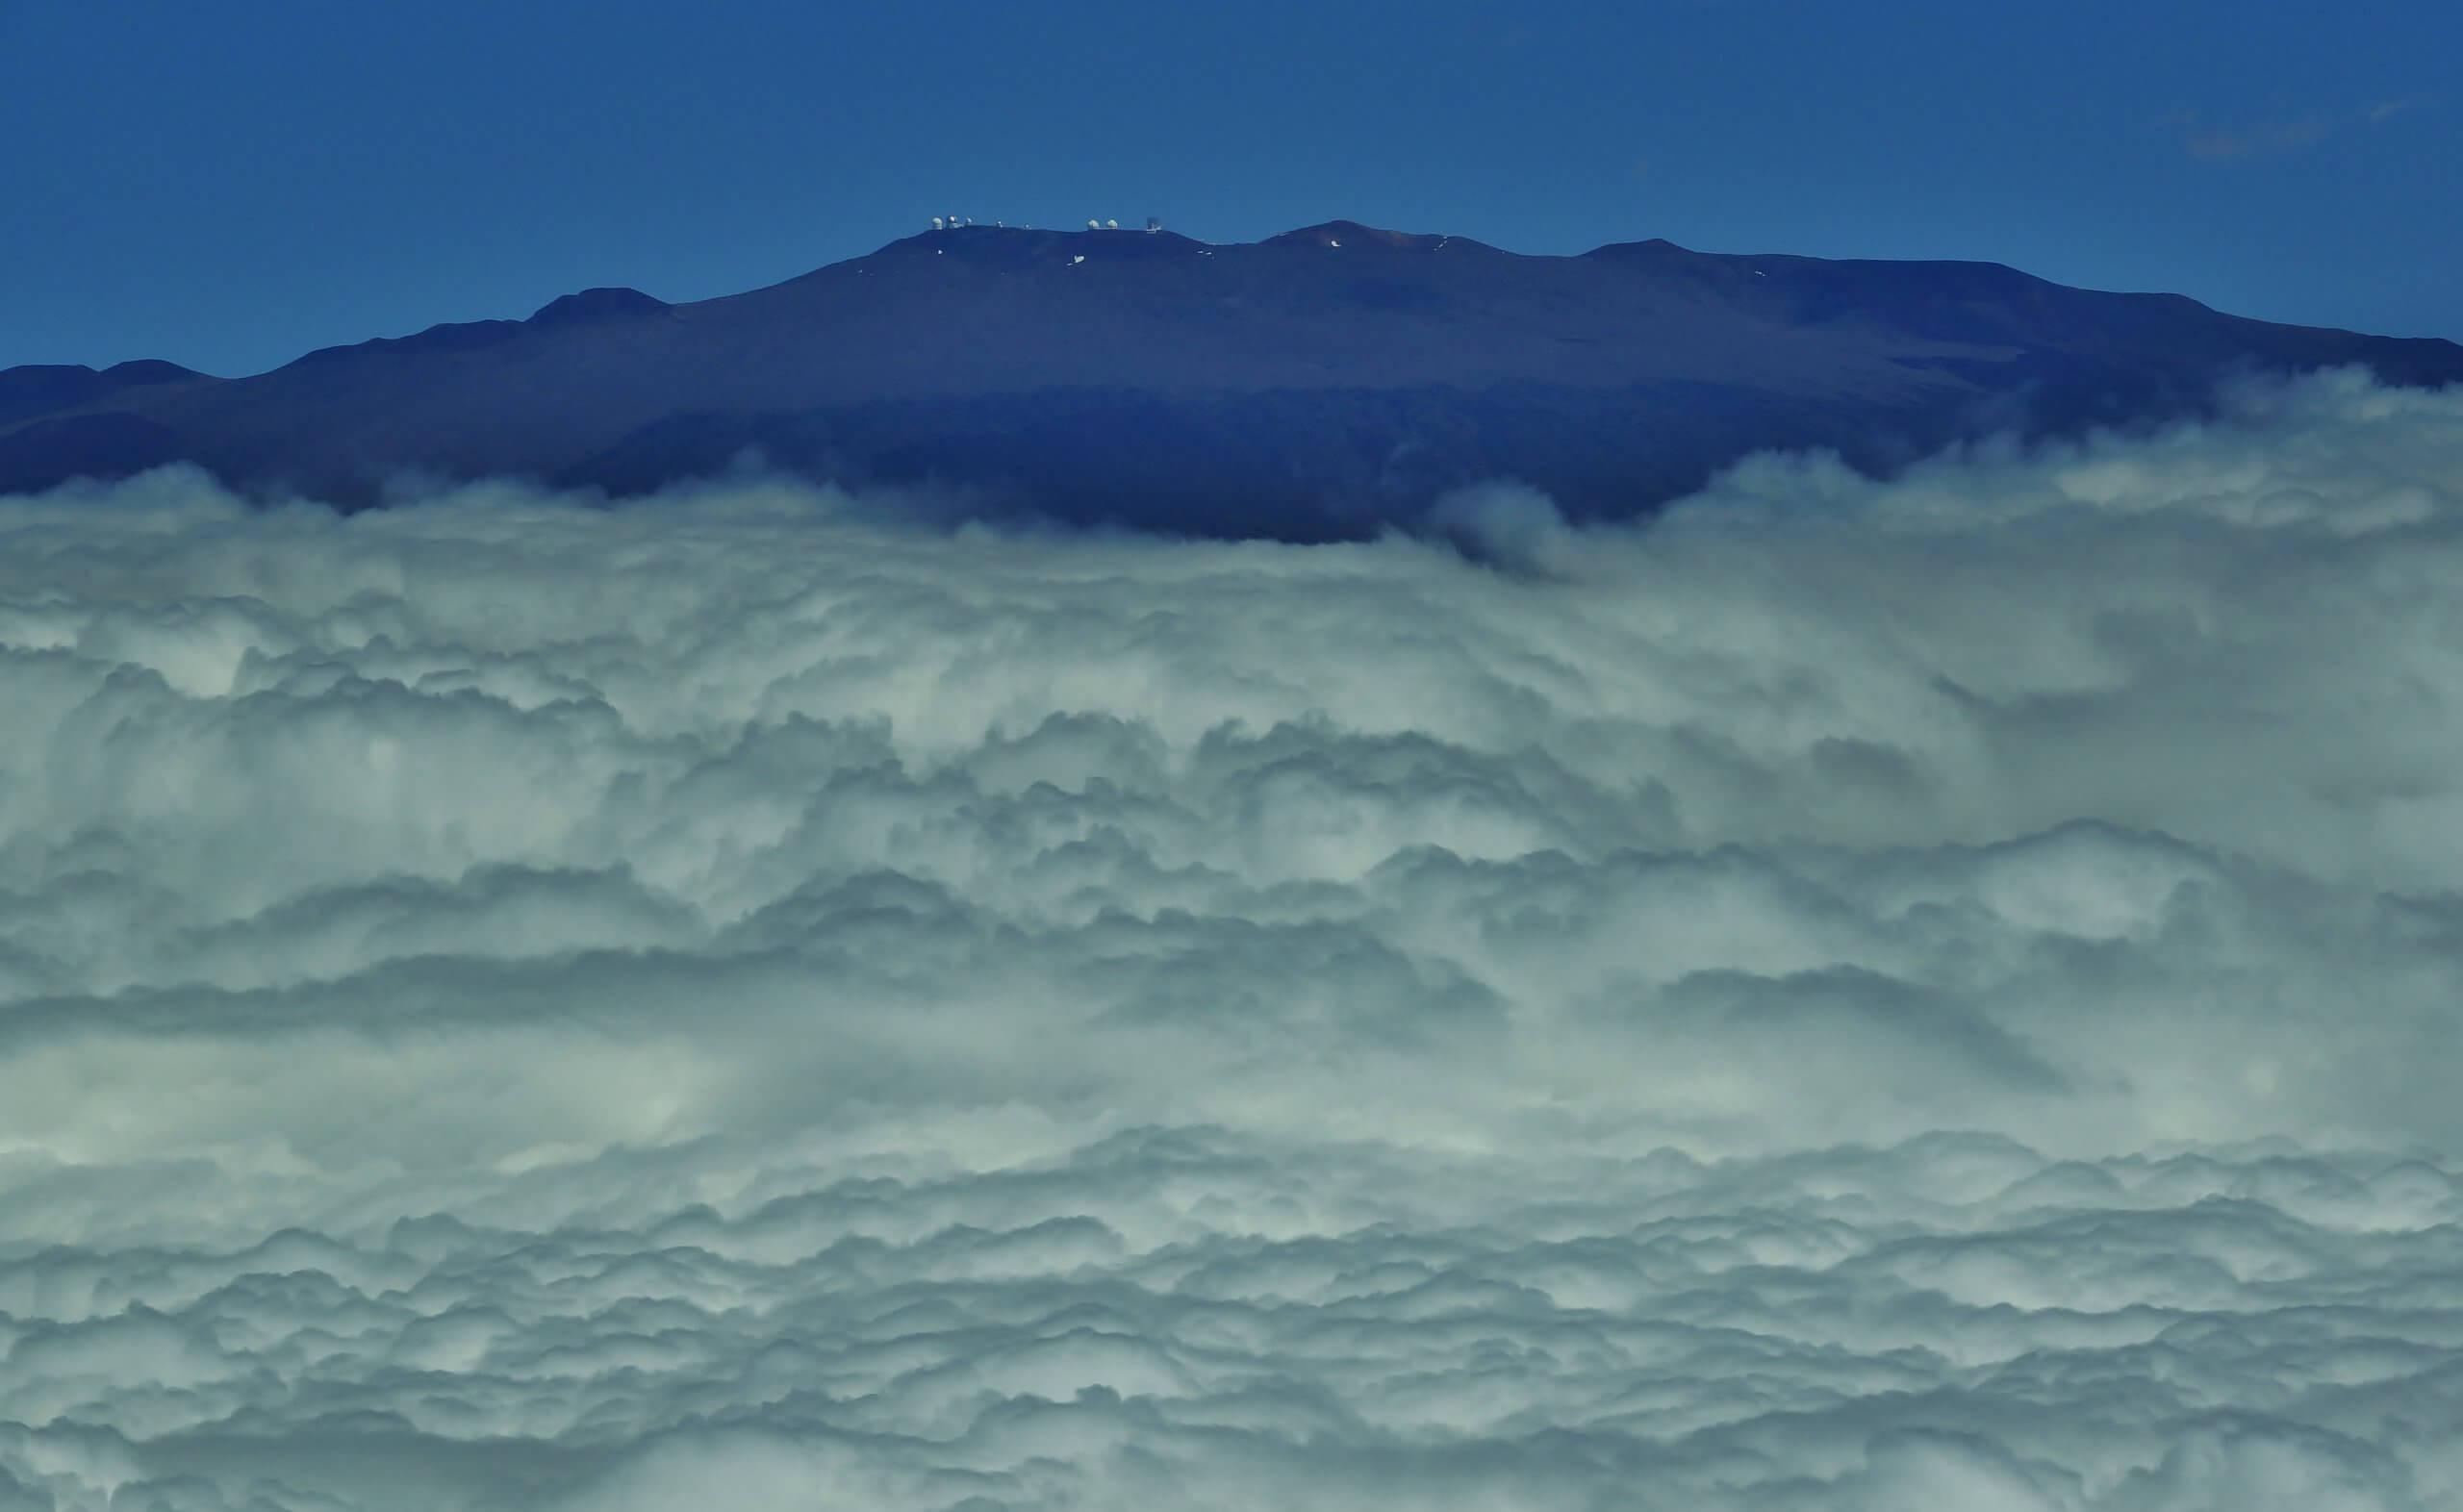 Le Mauna Kea est un site touristique à ne pas manquer, si on aime sortir des sentiers battus.